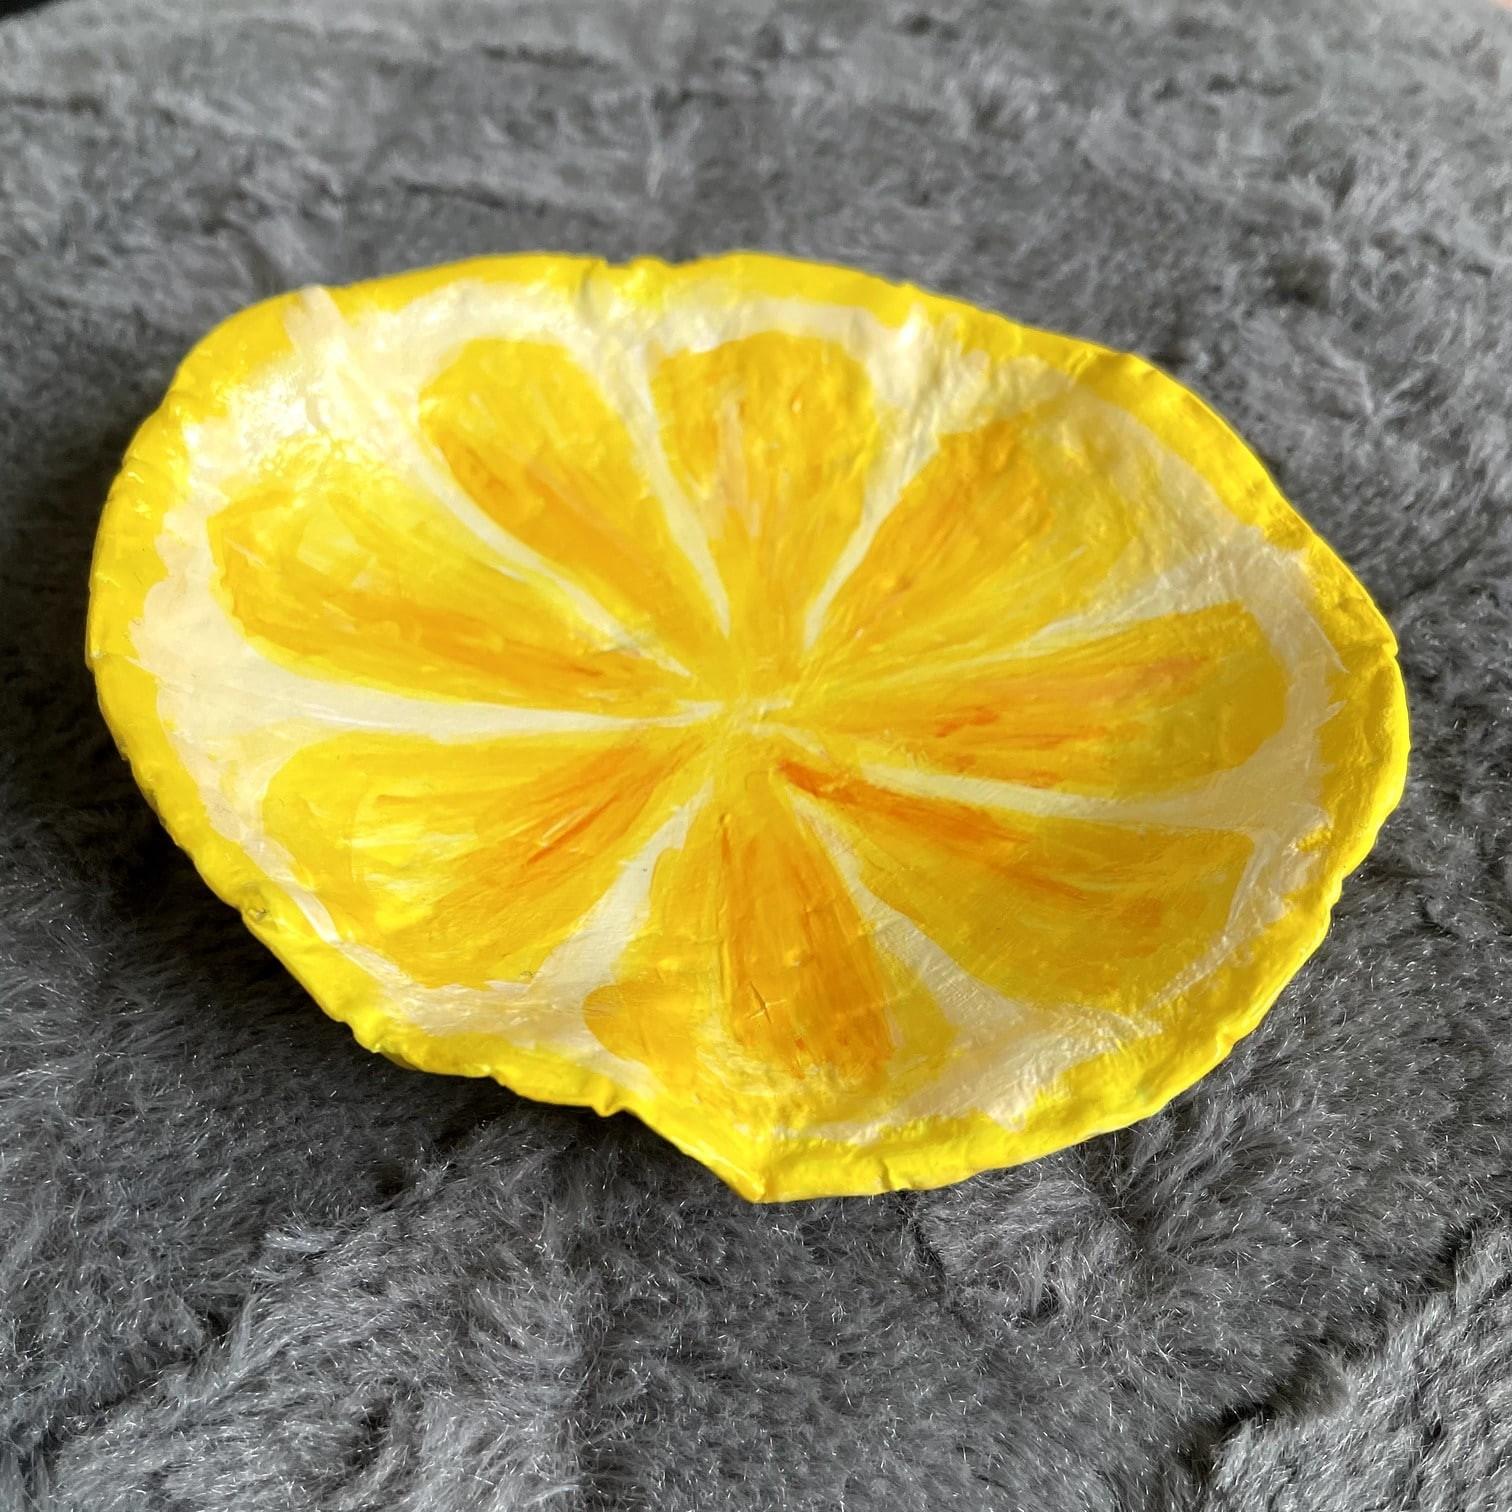 8-citrus